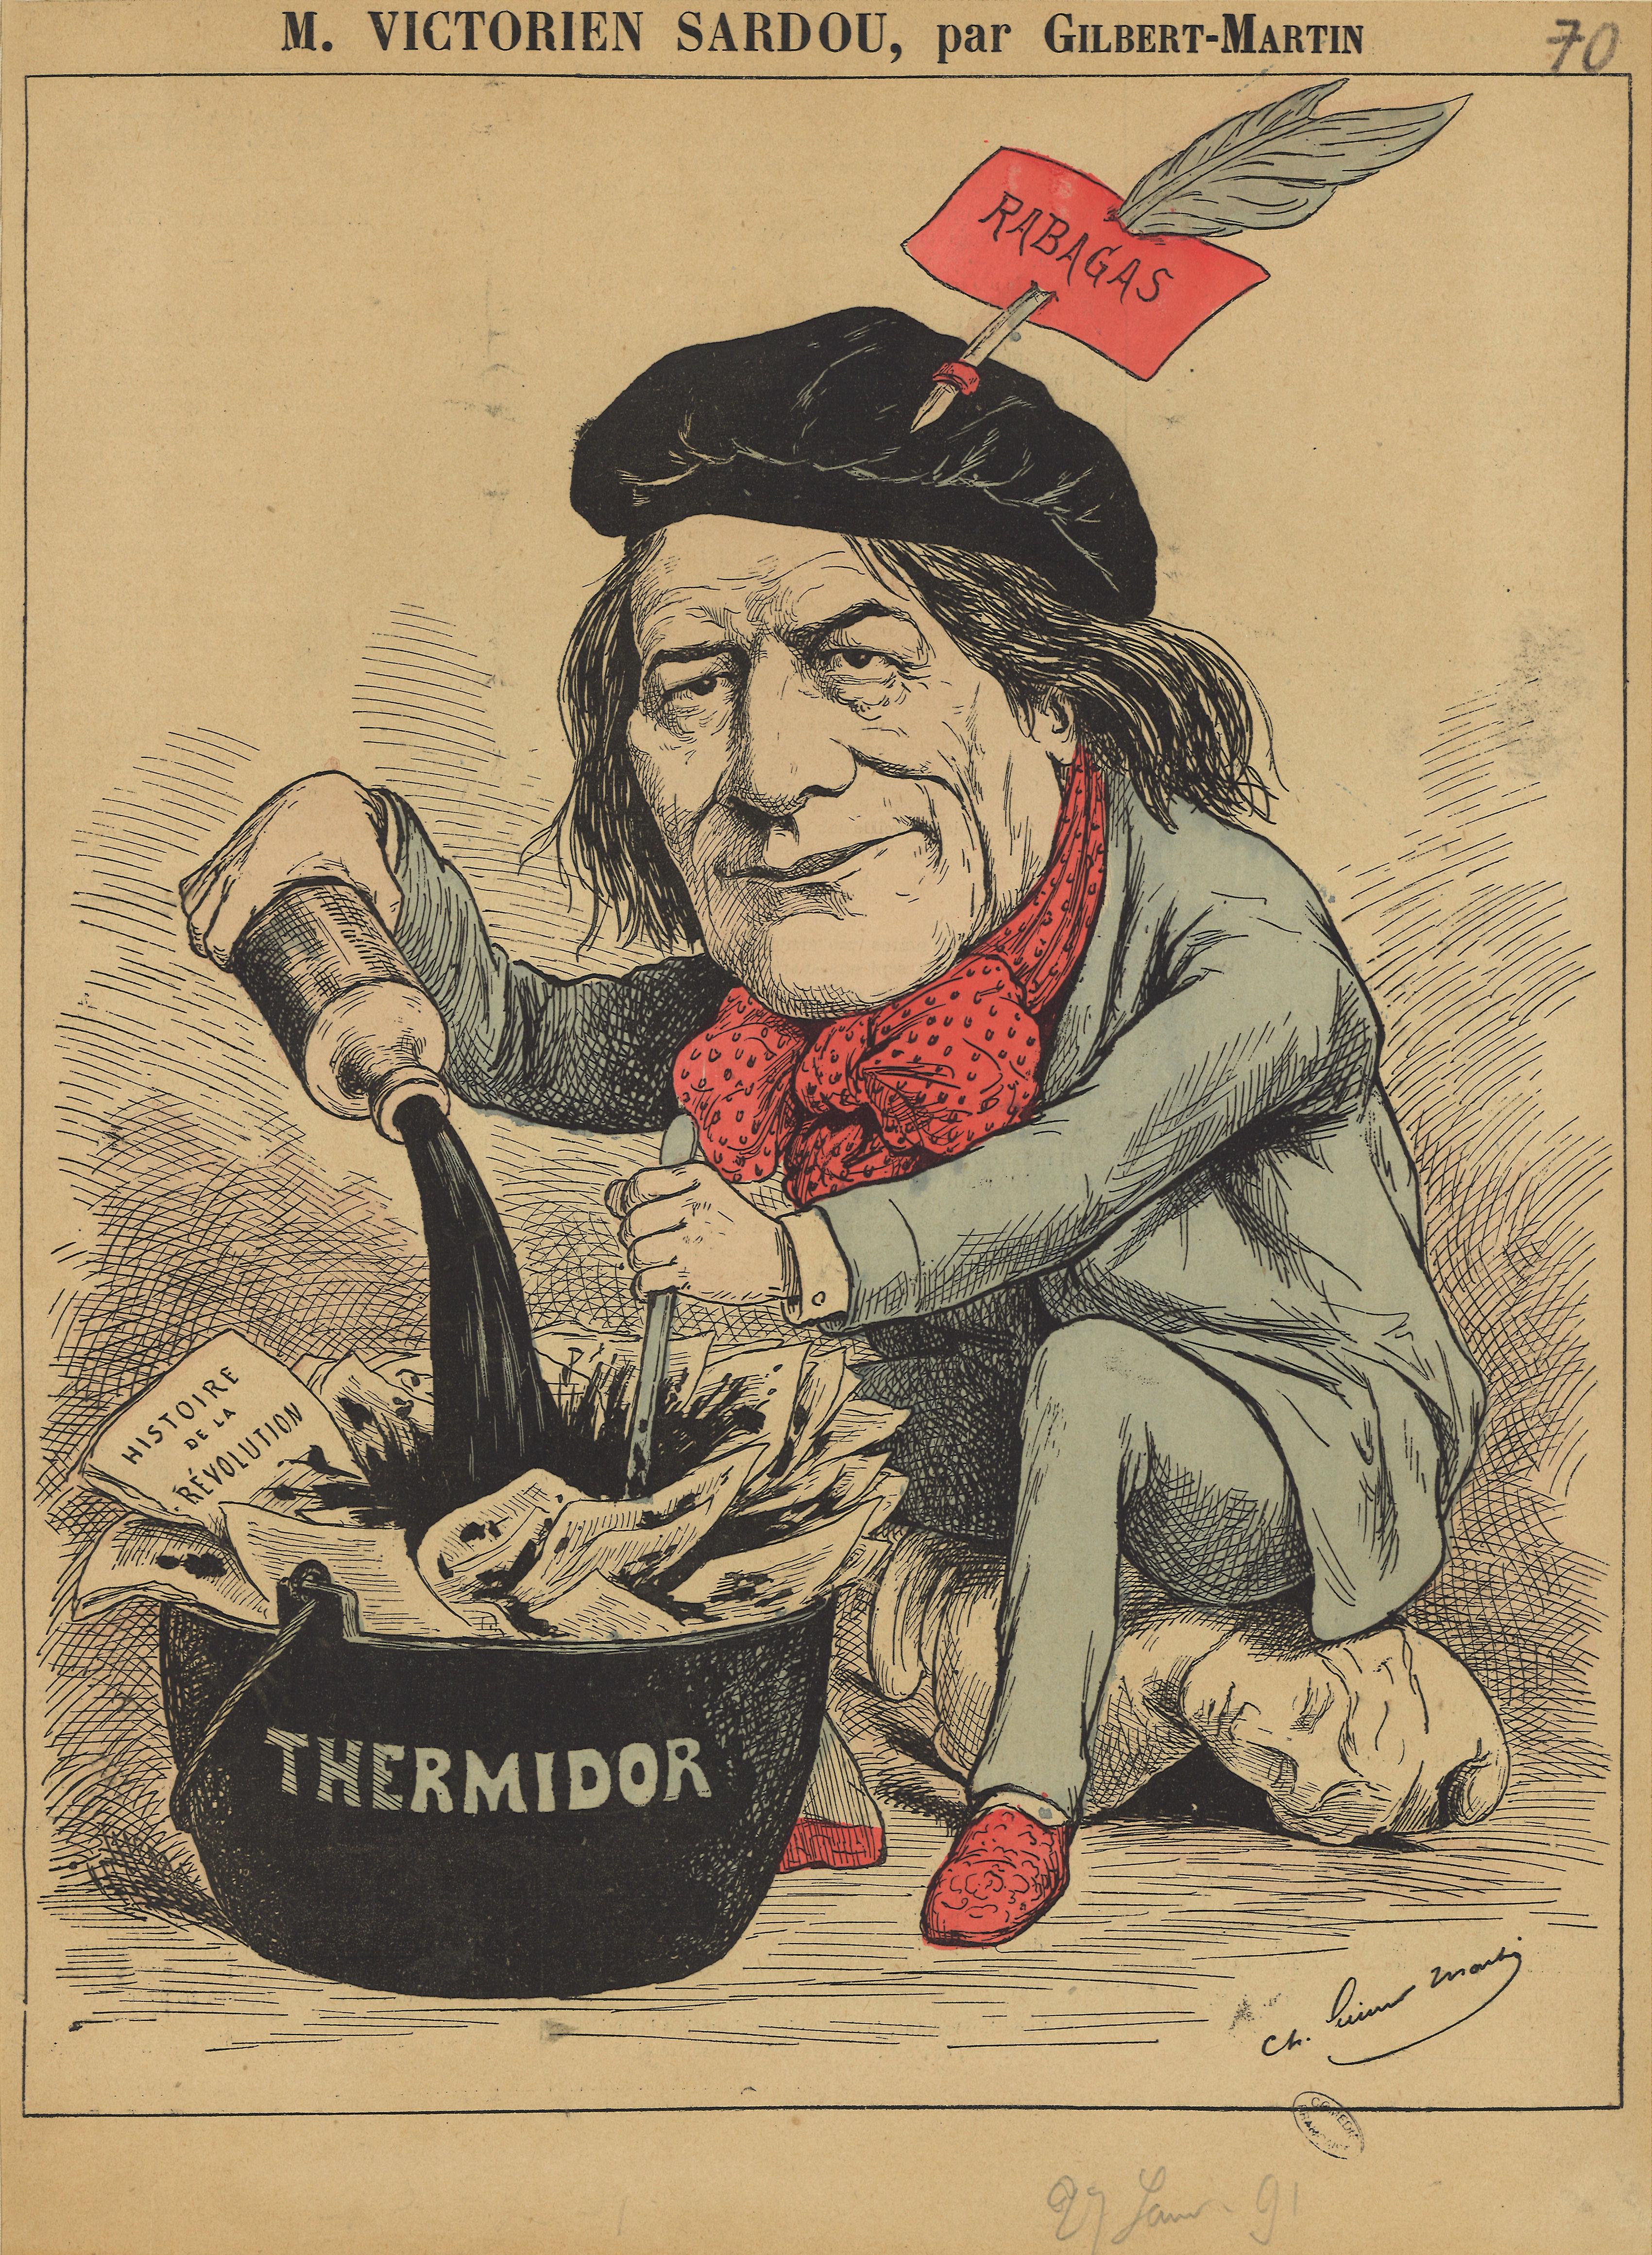 04-victorien-sardou-caricature-par-gilbert-martin-1891